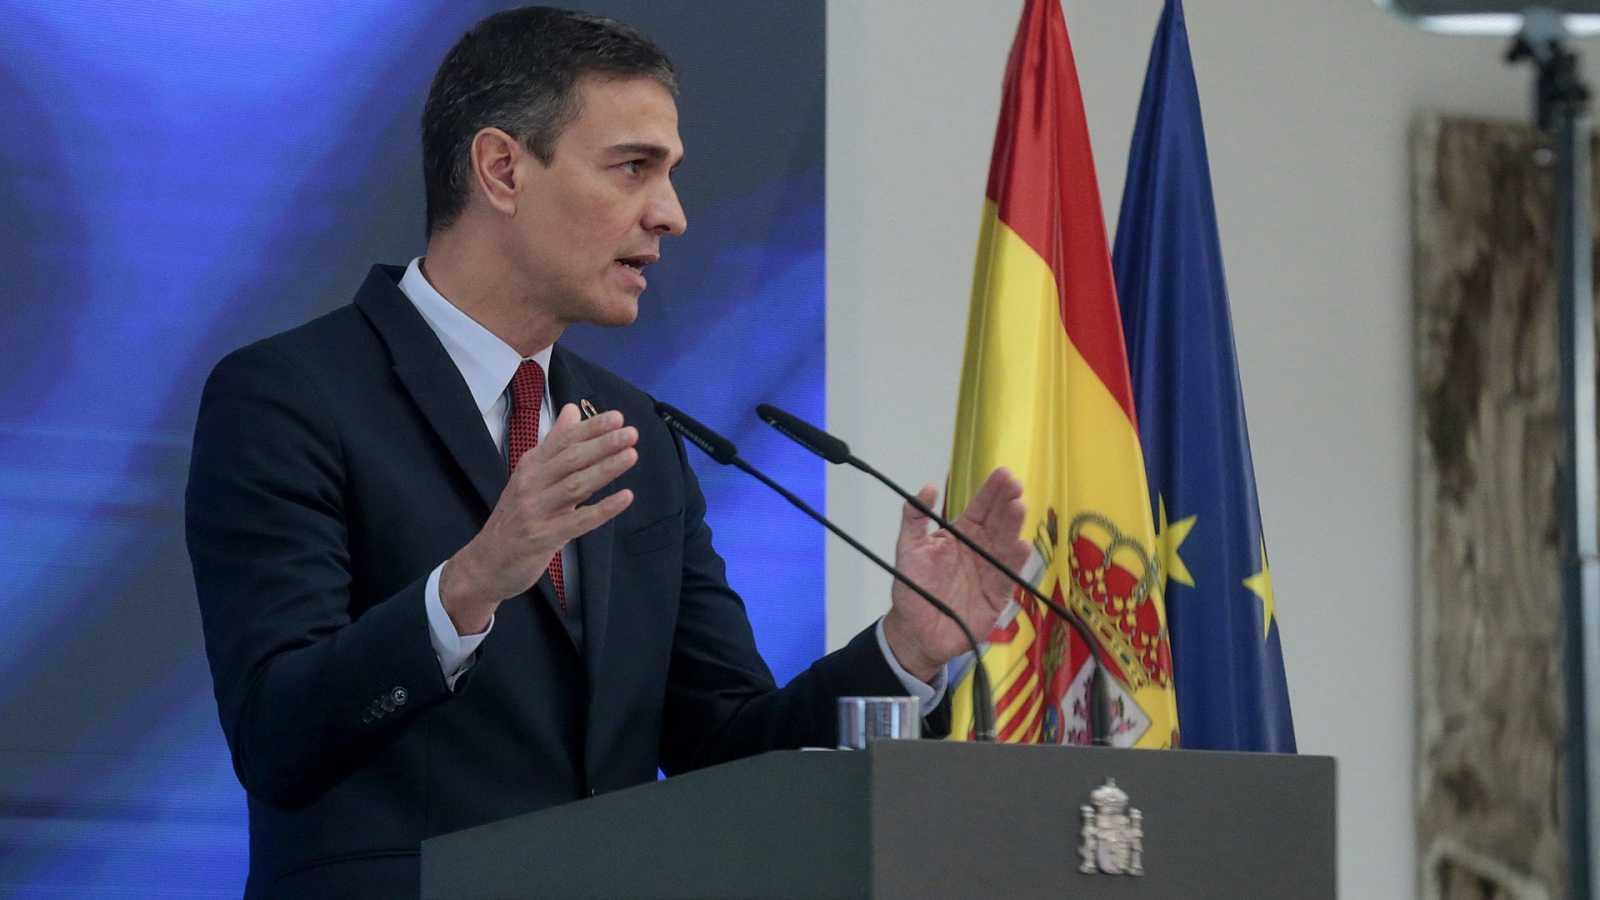 El Gobierno promete crear 800.000 empleos en tres años con 72.000 millones de los fondos europeos